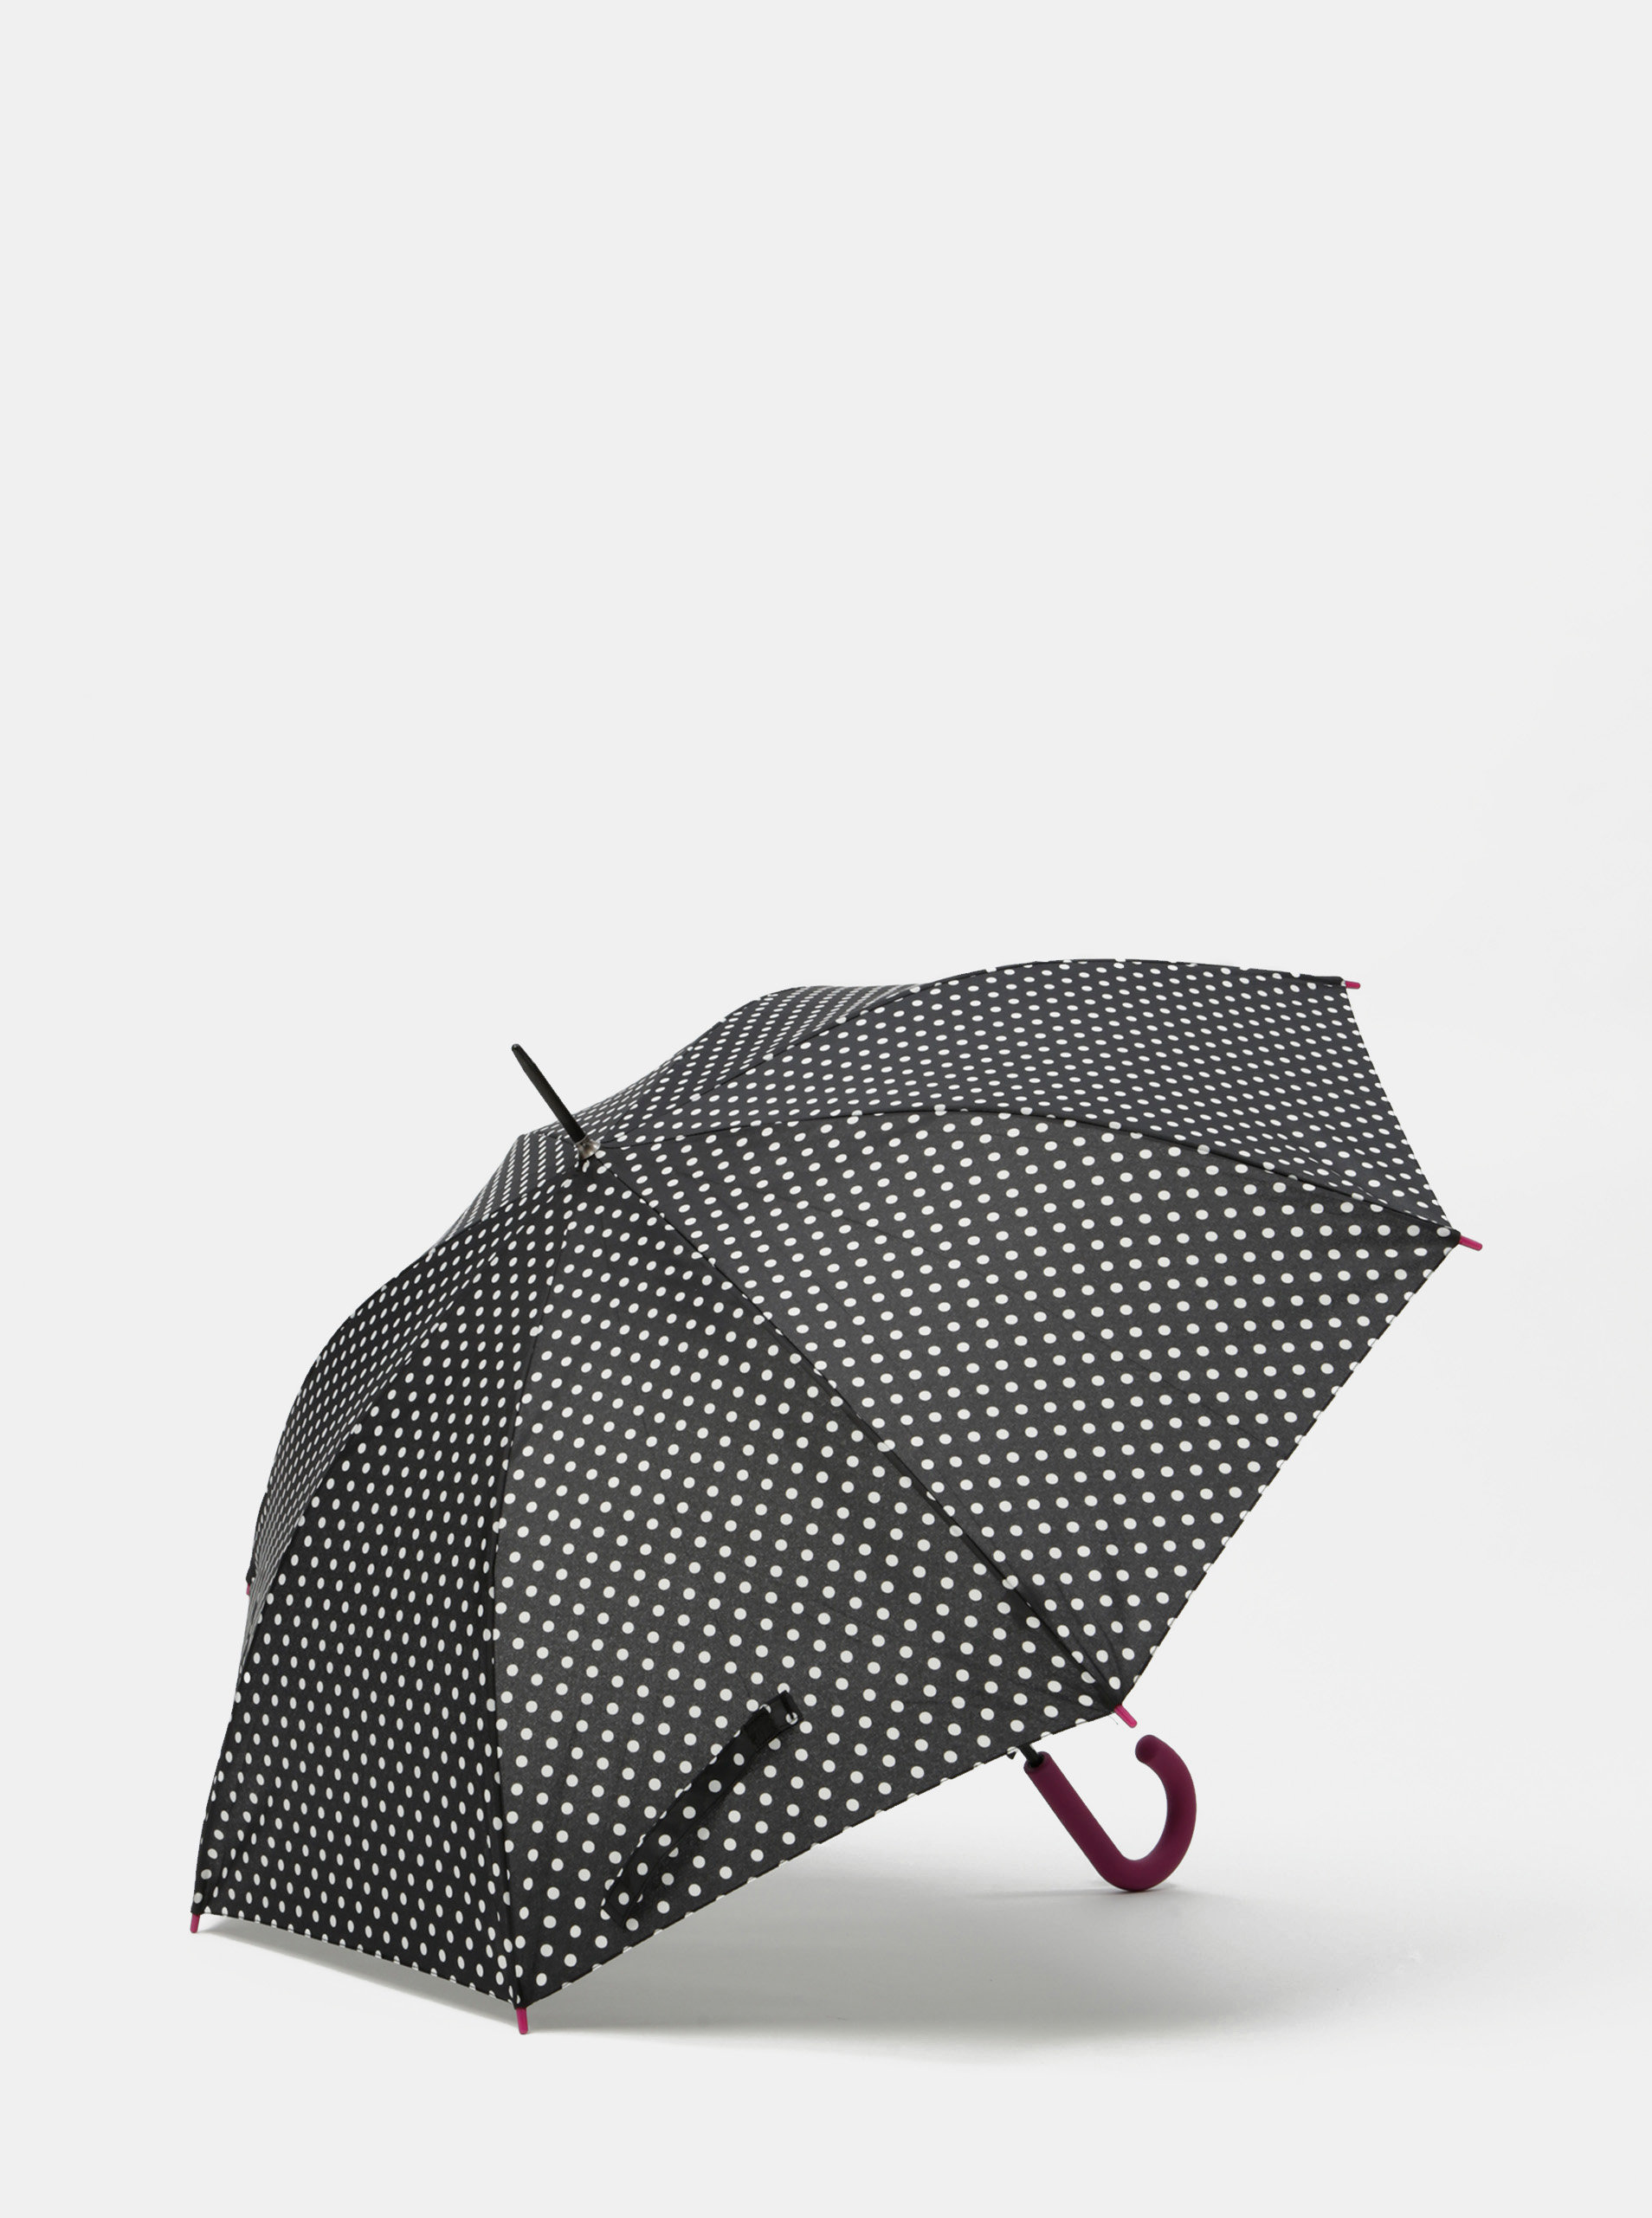 Černý puntíkovaný vystřelovací deštník Rainy Seasons